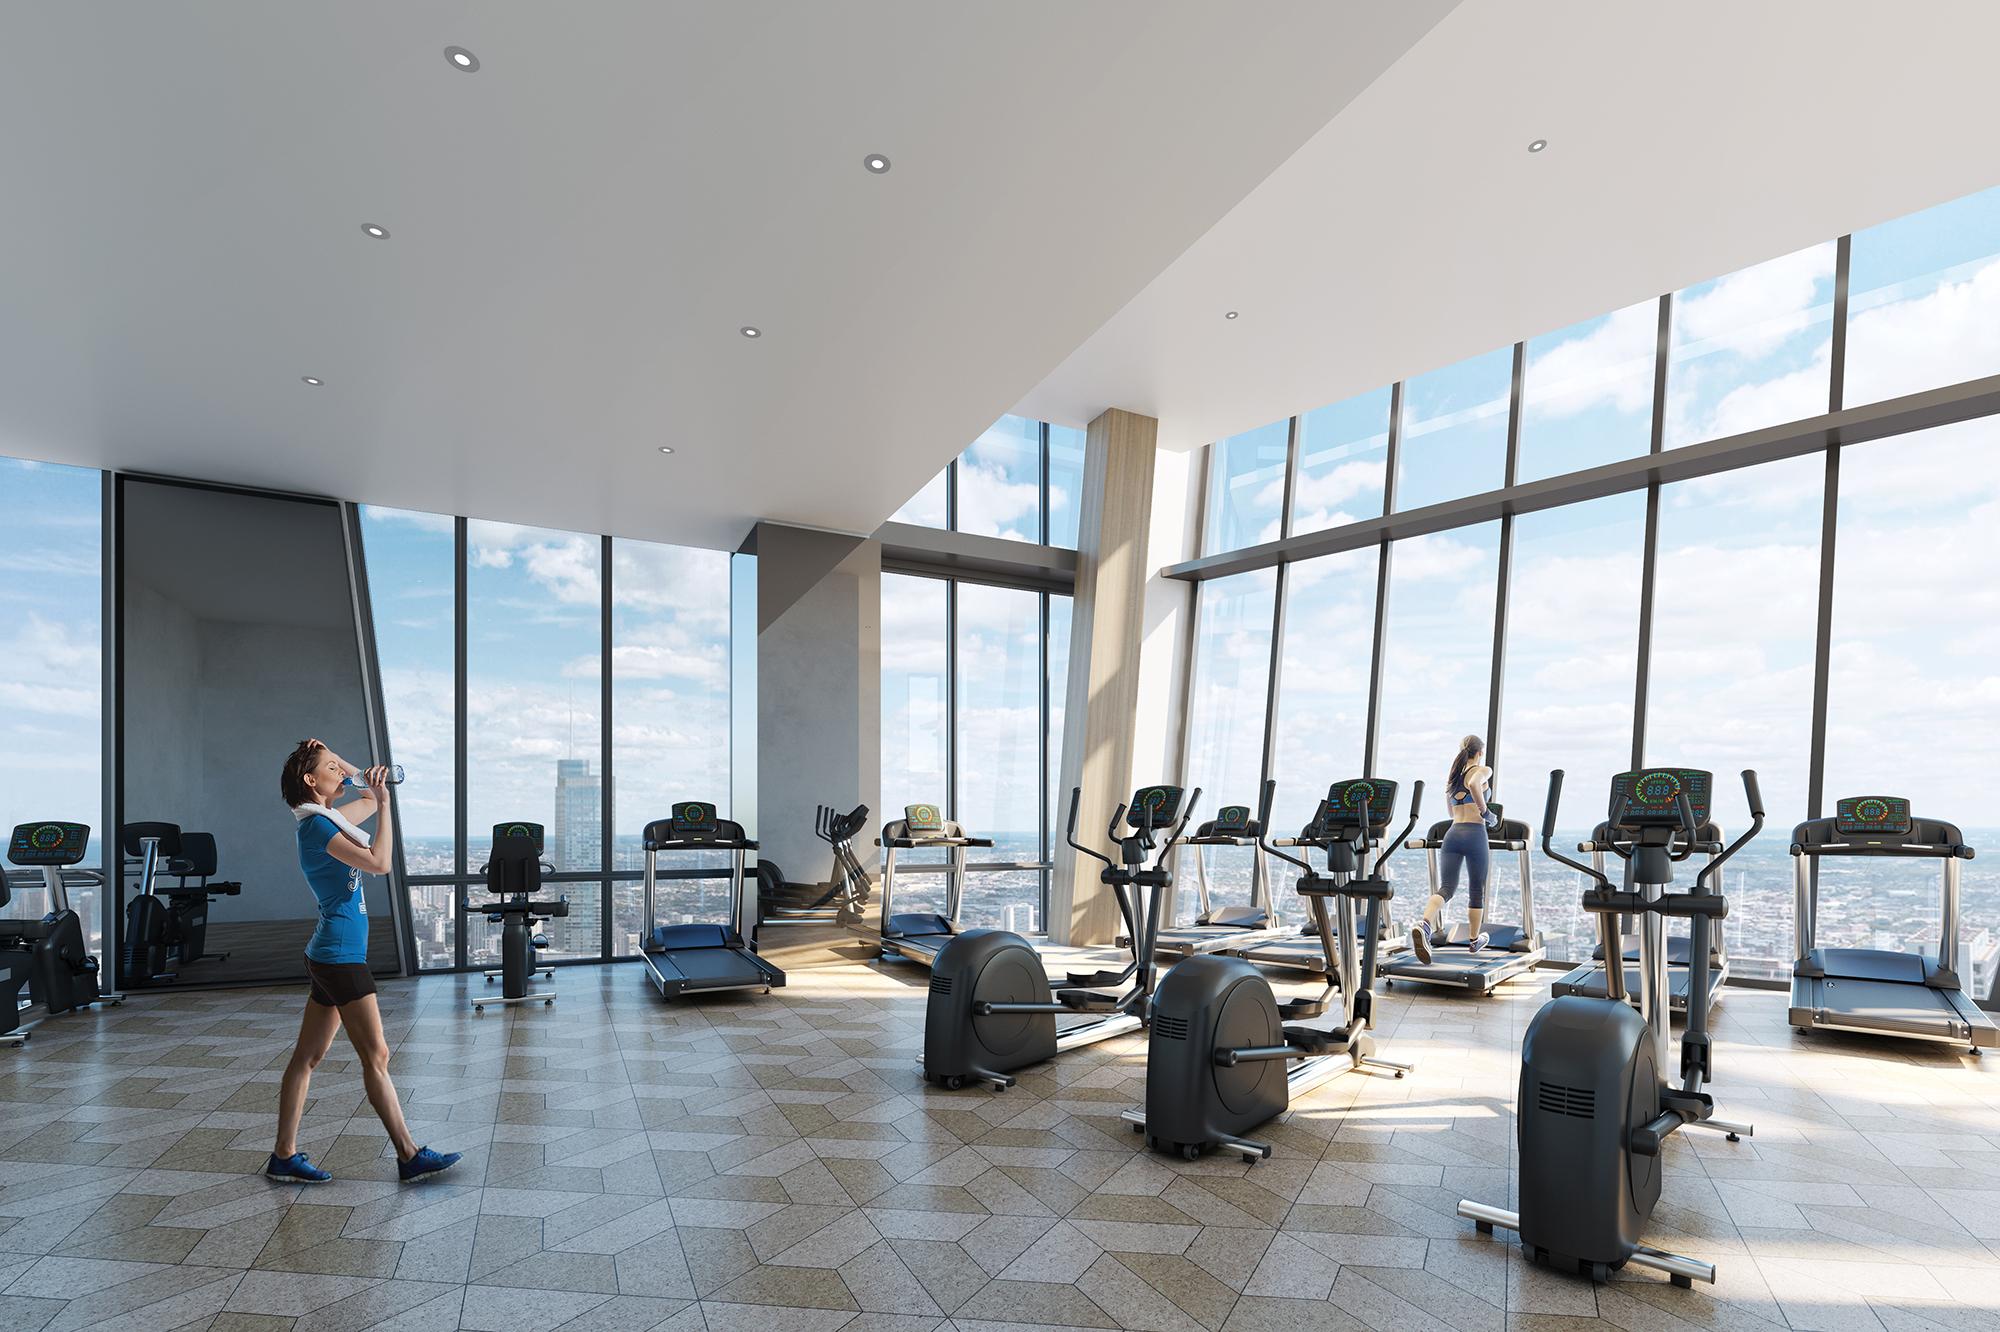 21st Floor Fitness Center